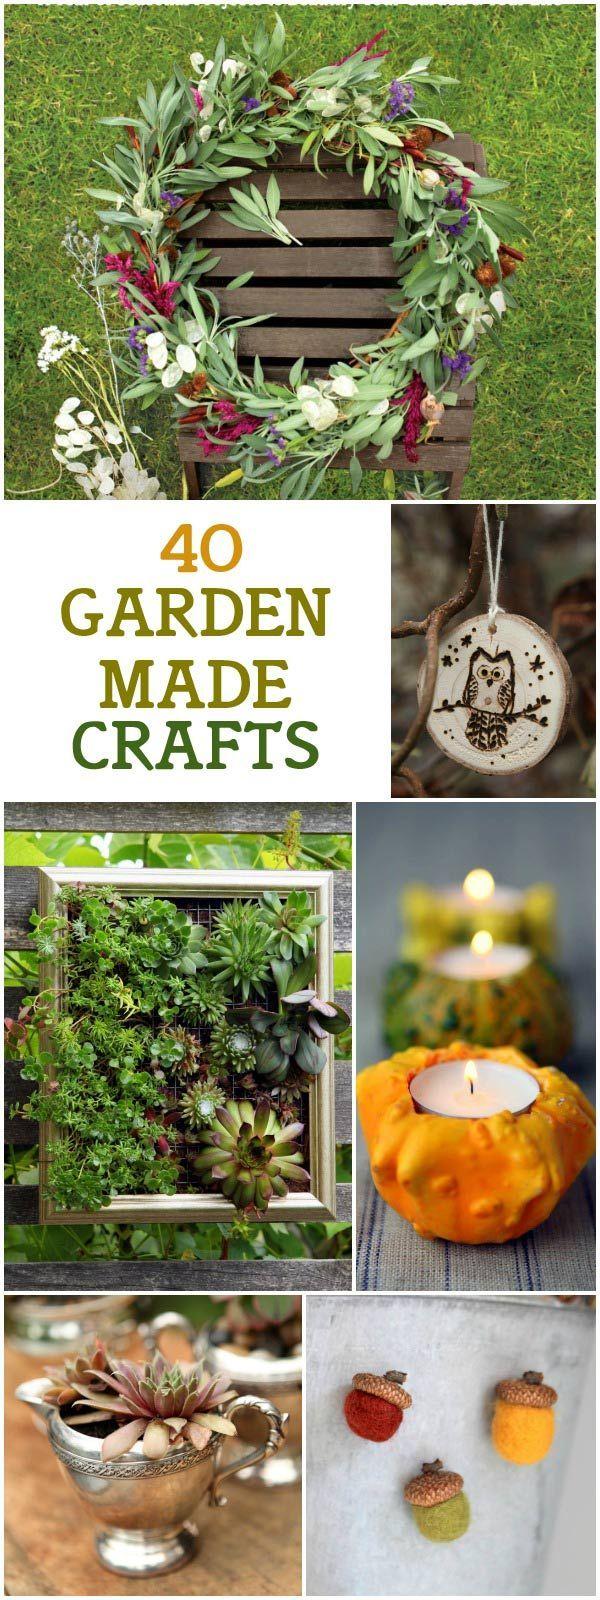 4344 best Garden crafts DIY images on Pinterest | Garden ideas ...